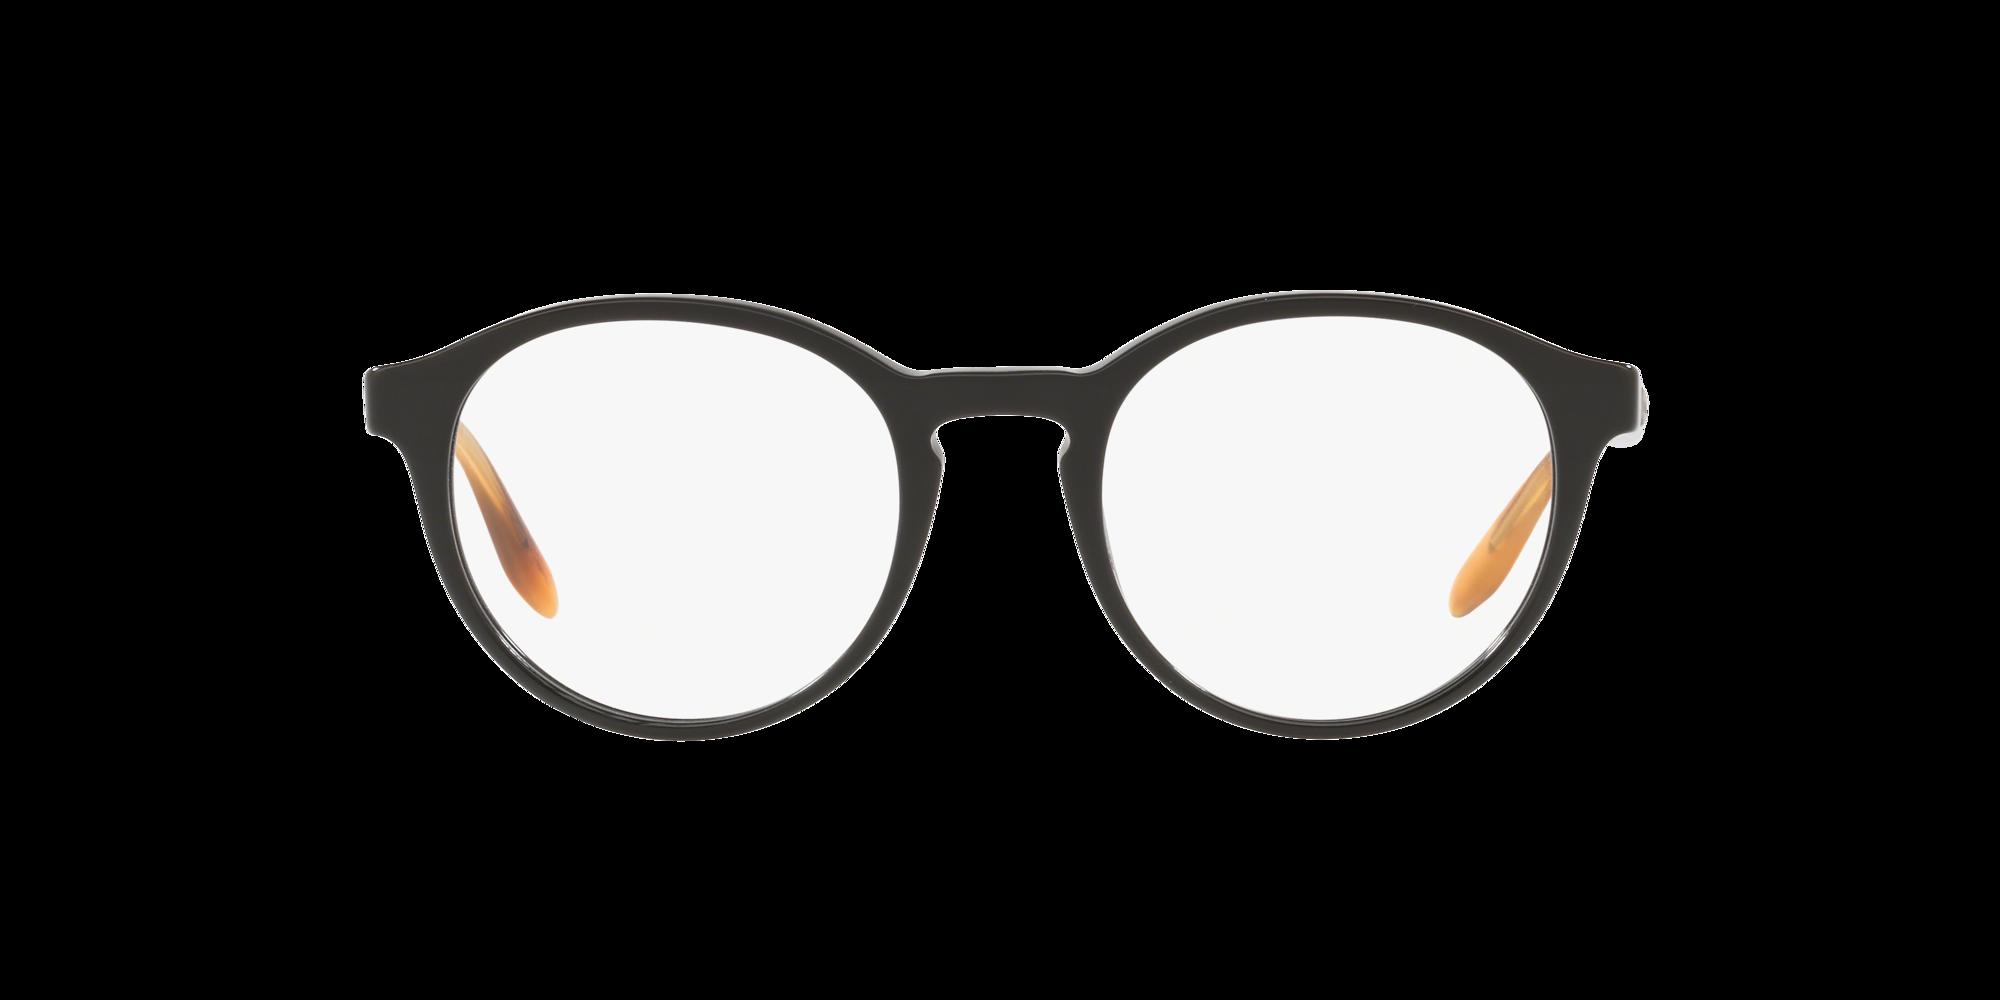 Imagen para AR7162 de LensCrafters |  Espejuelos, espejuelos graduados en línea, gafas